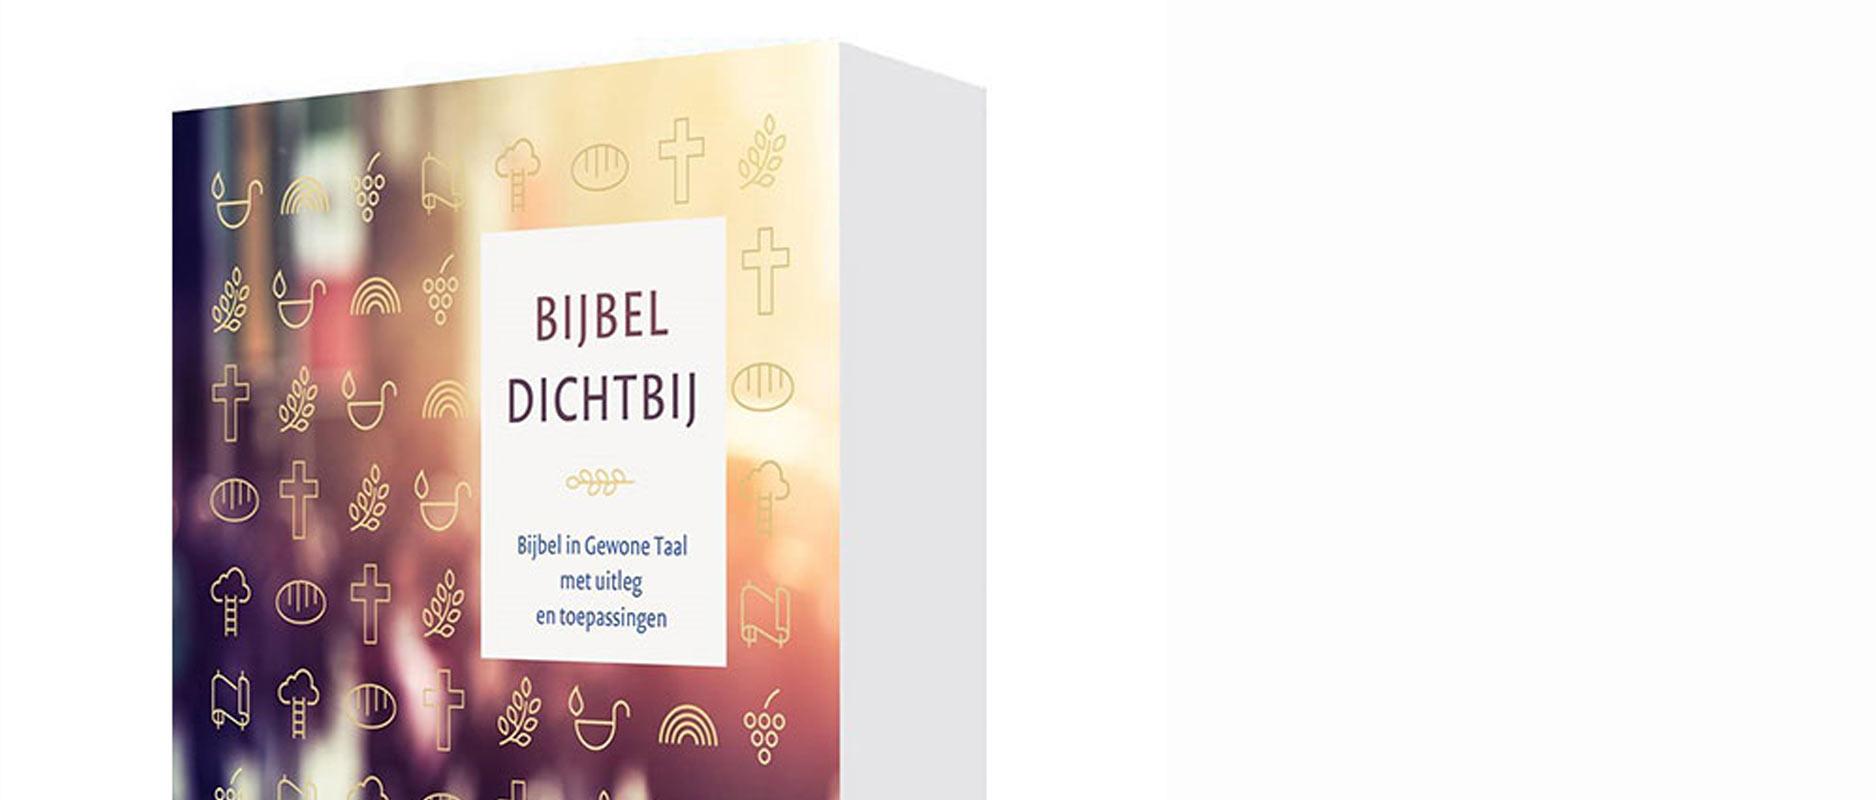 Nieuwe bijbeluitgave: Bijbel Dichtbij